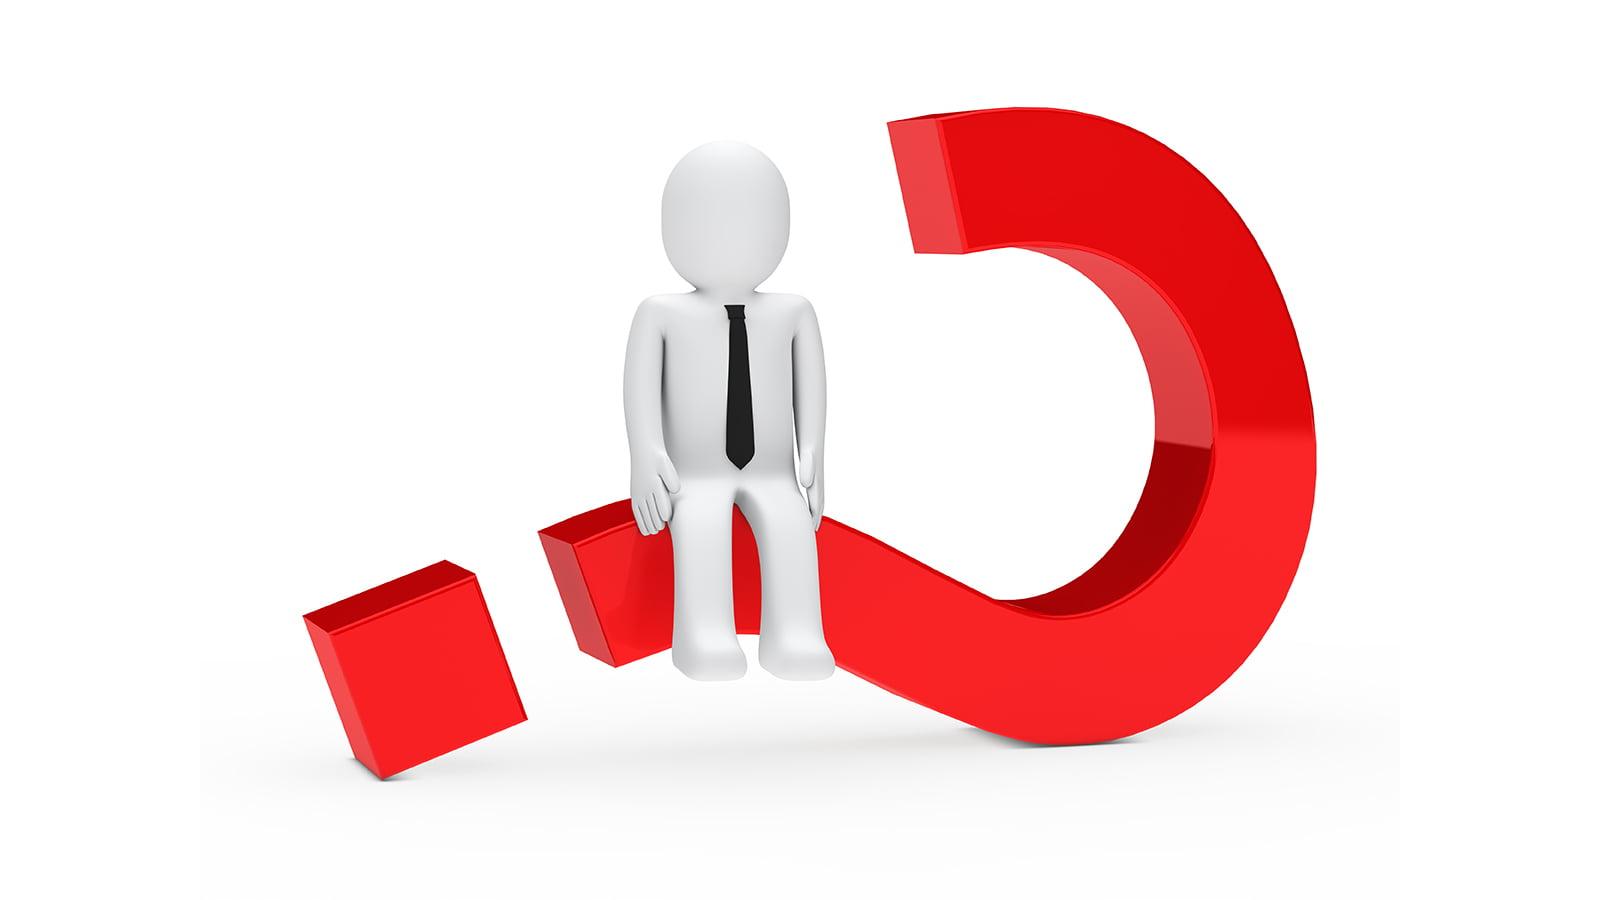 ¿Entrega o recogida? … y otras preguntas simples que pueden cocinar el cumplimiento del impuesto de ventas de su cliente